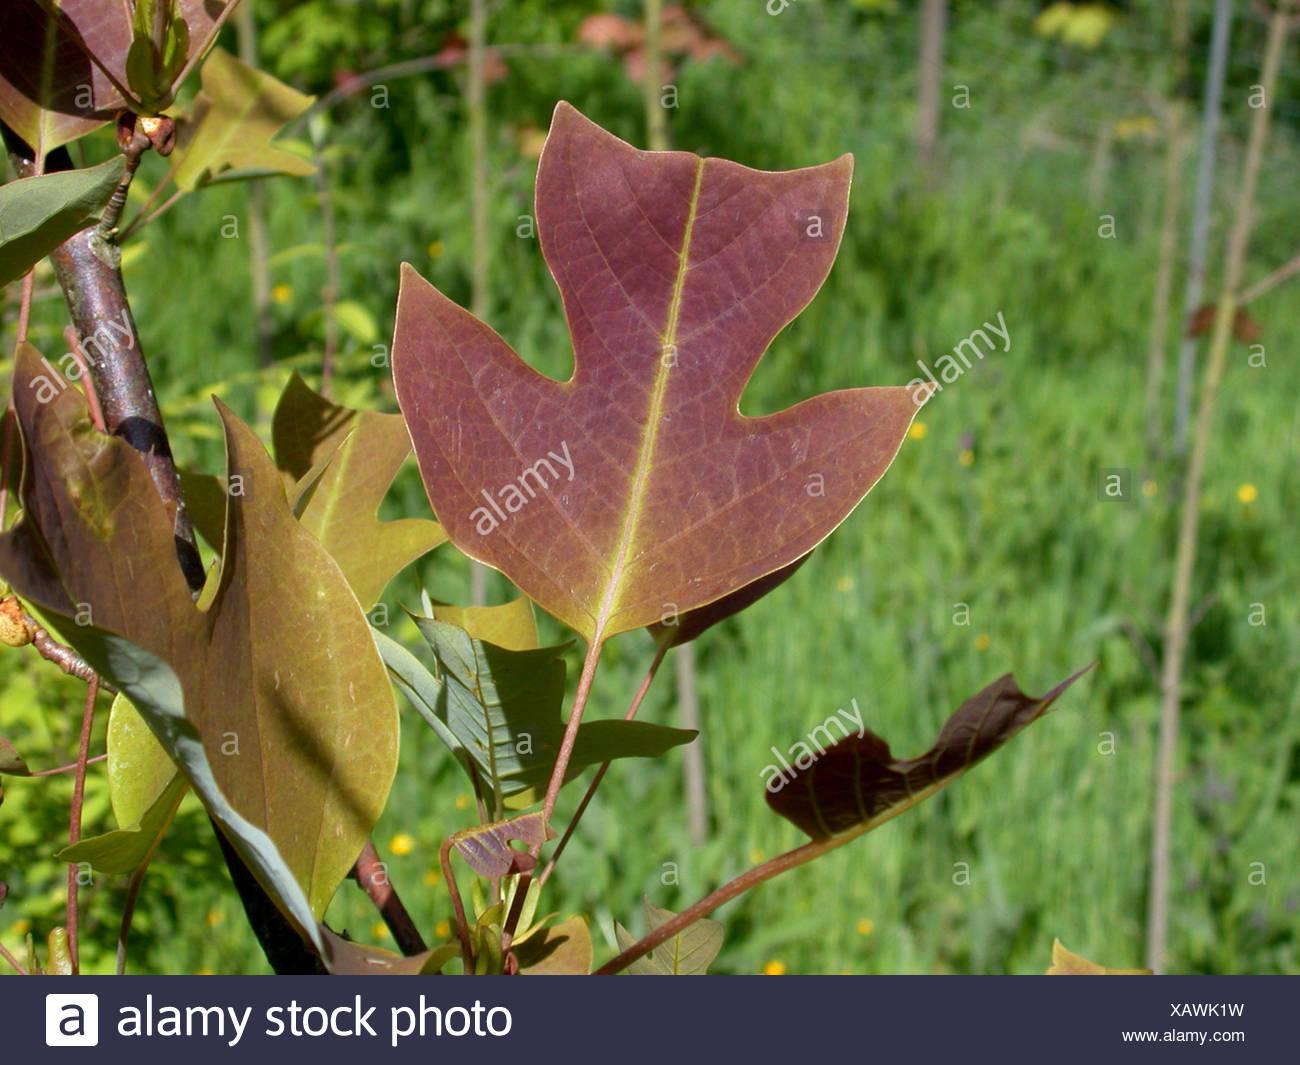 Tulip Tree Leaf Stock Photos & Tulip Tree Leaf Stock Images - Alamy